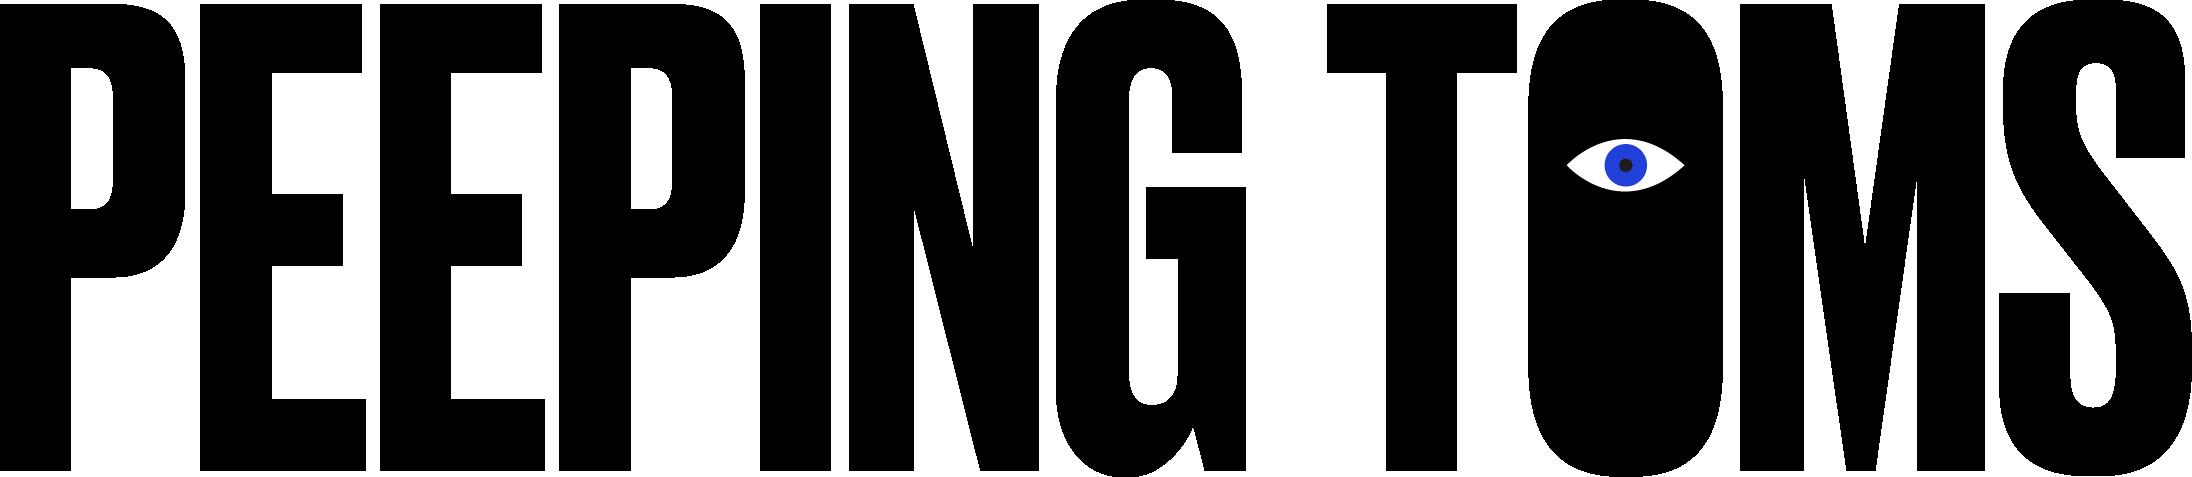 PT_LOGO.png